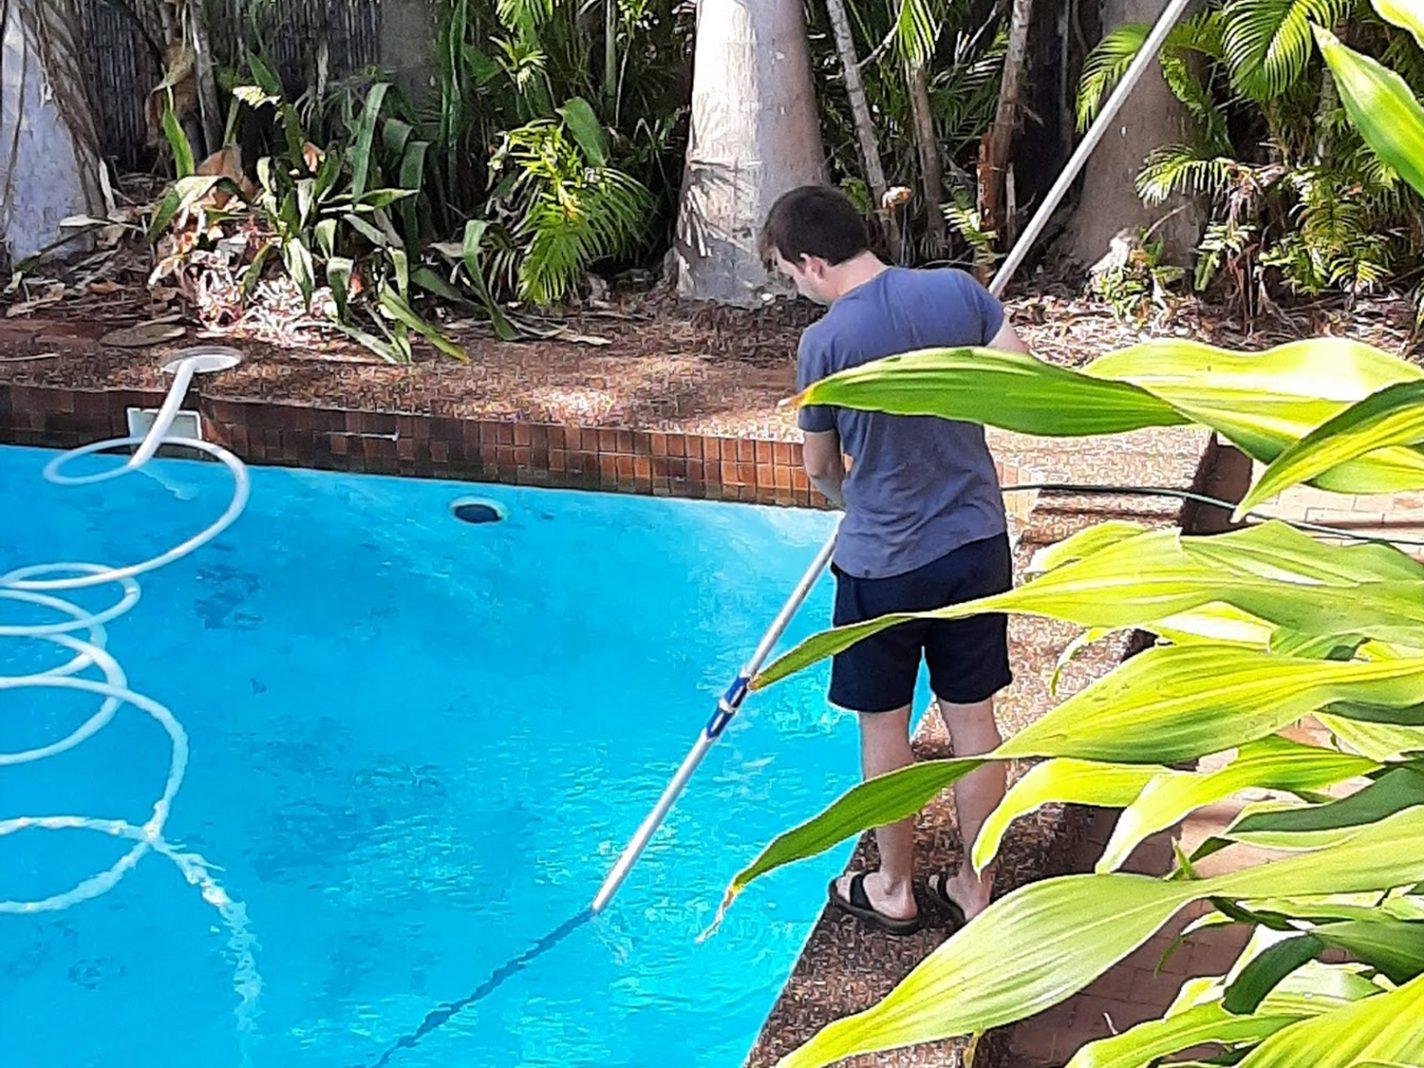 Nieuwe taak erbij: het zwembad schoonmaken